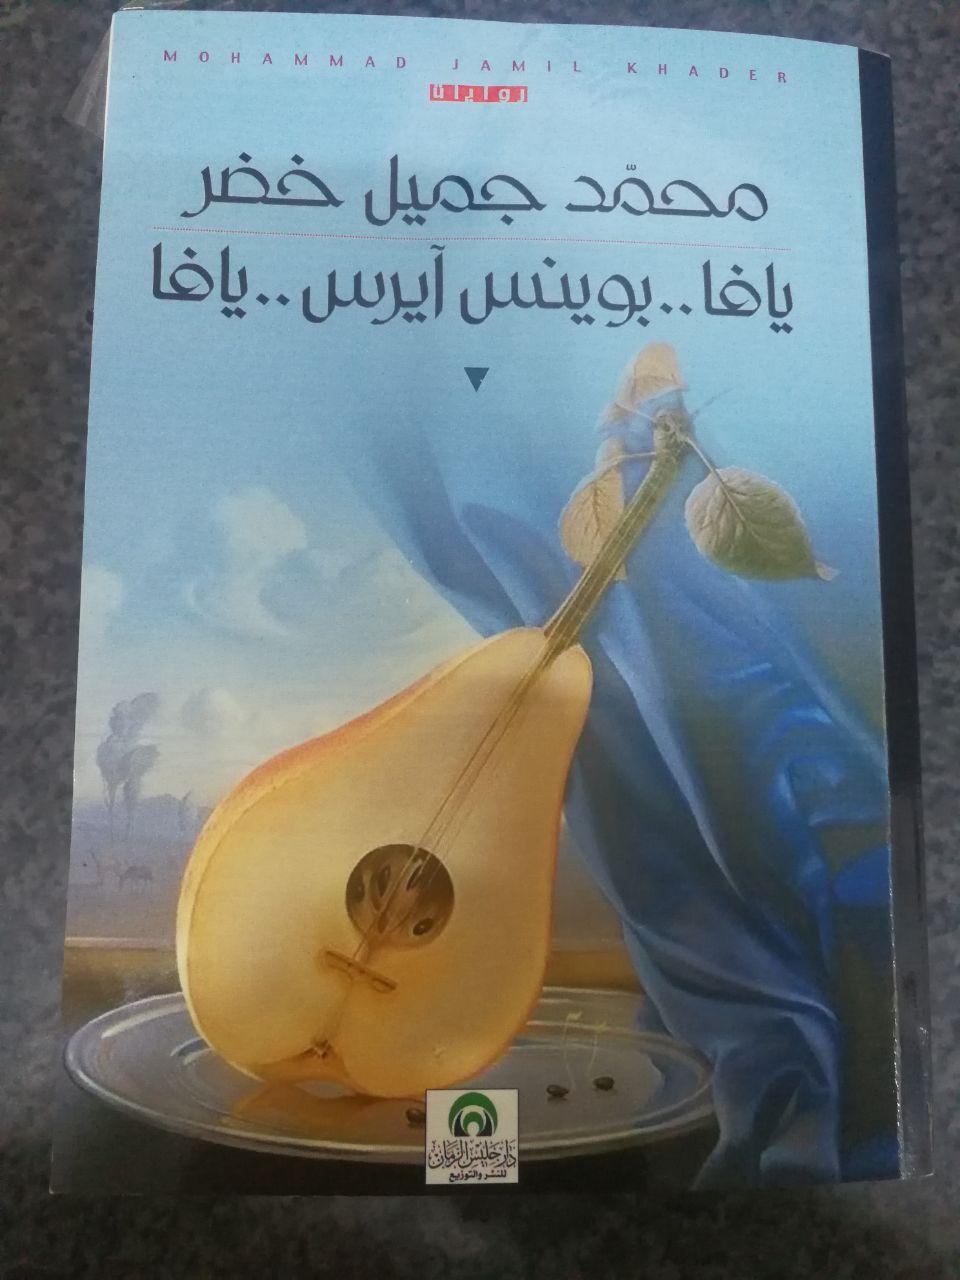 """اصدار رواية """"يافا ..  بوينس آيرس ..  يافا"""" للكاتب محمد جميل خضر"""